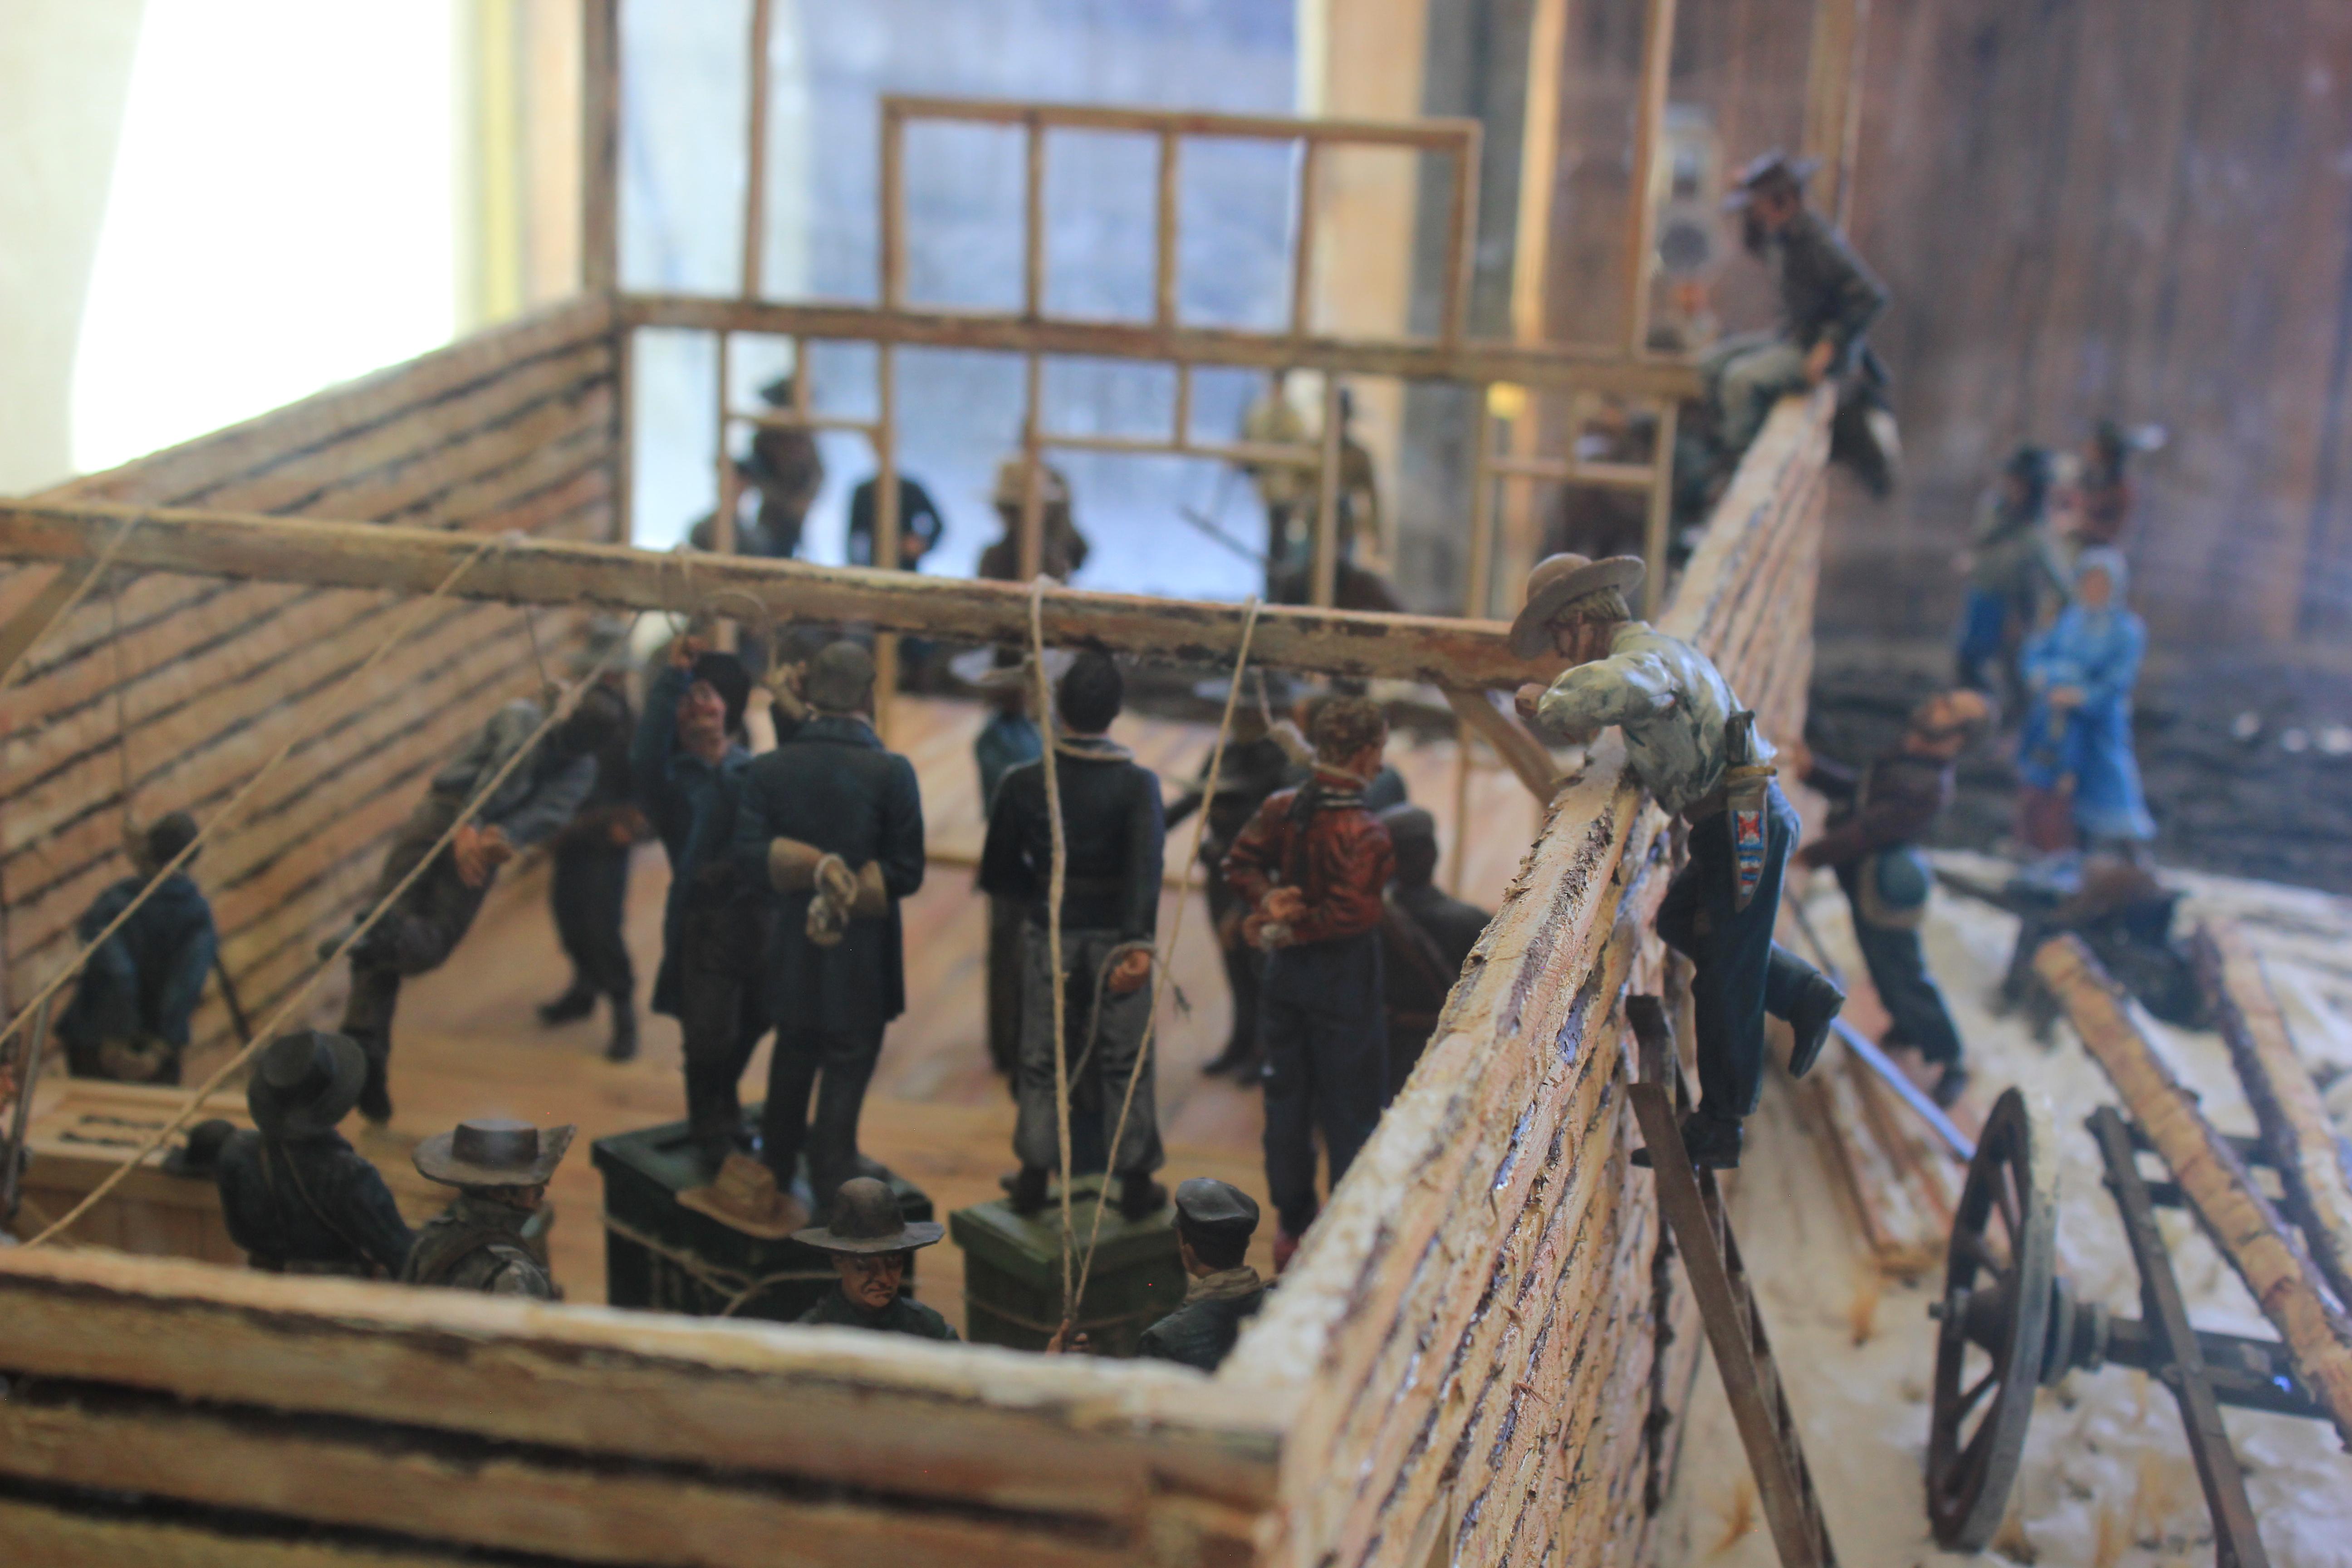 Hangman's Diorama